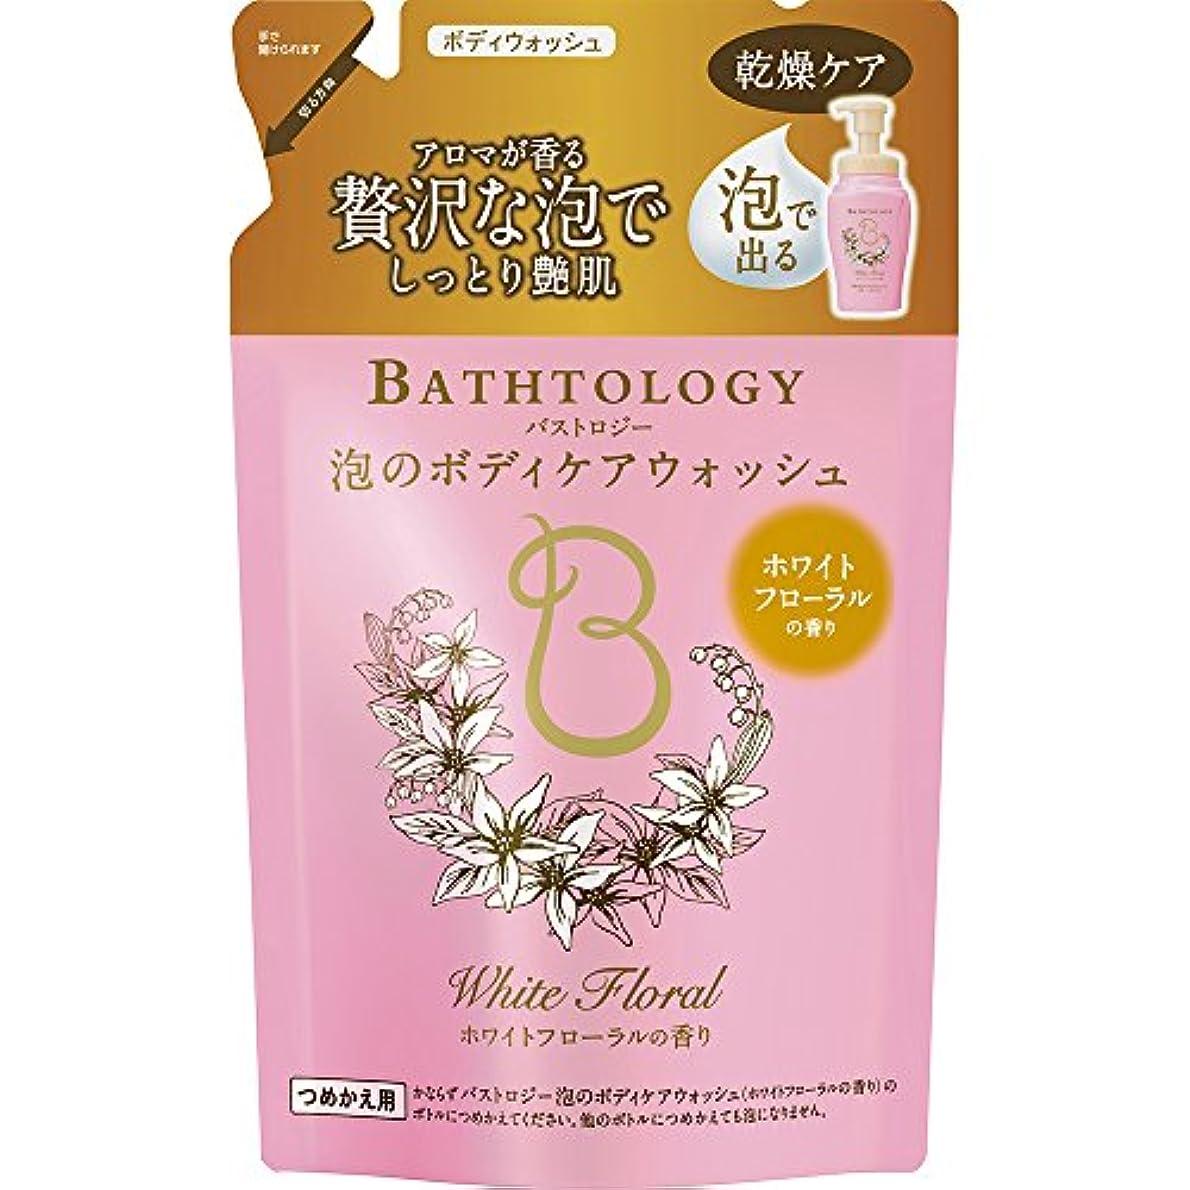 代わりにプレーヤーサンプルBATHTOLOGY 泡のボディケアウォッシュ ホワイトフローラルの香り 詰め替え 350ml